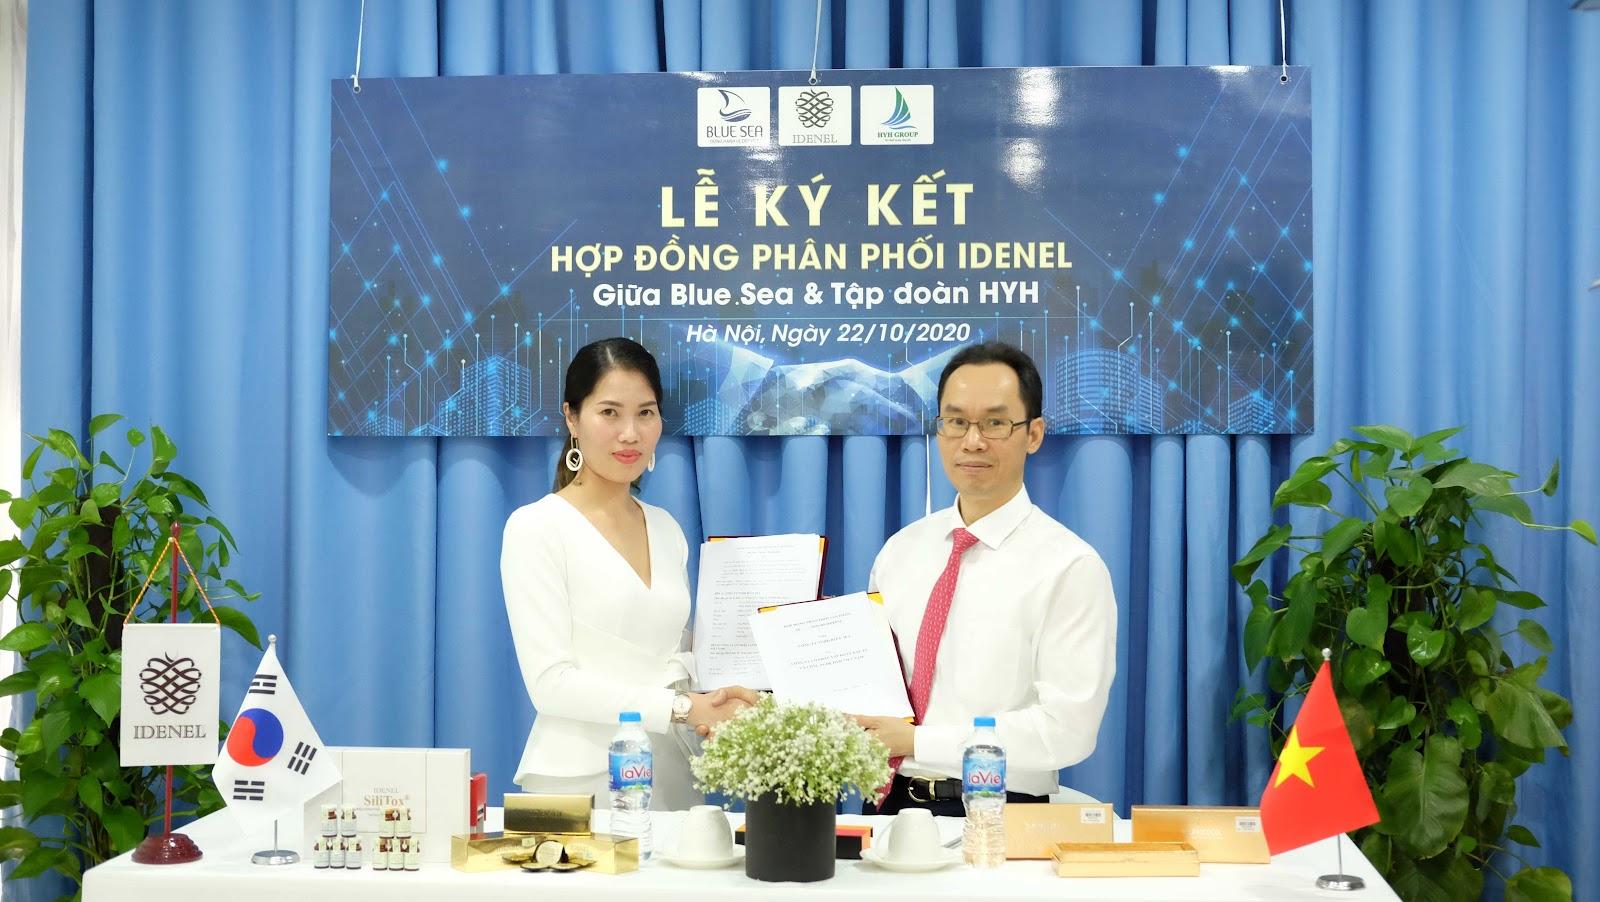 Lễ ký kết hợp đồng phân phối  IDENEL giữa BlueSea & Tập đoàn HYH.